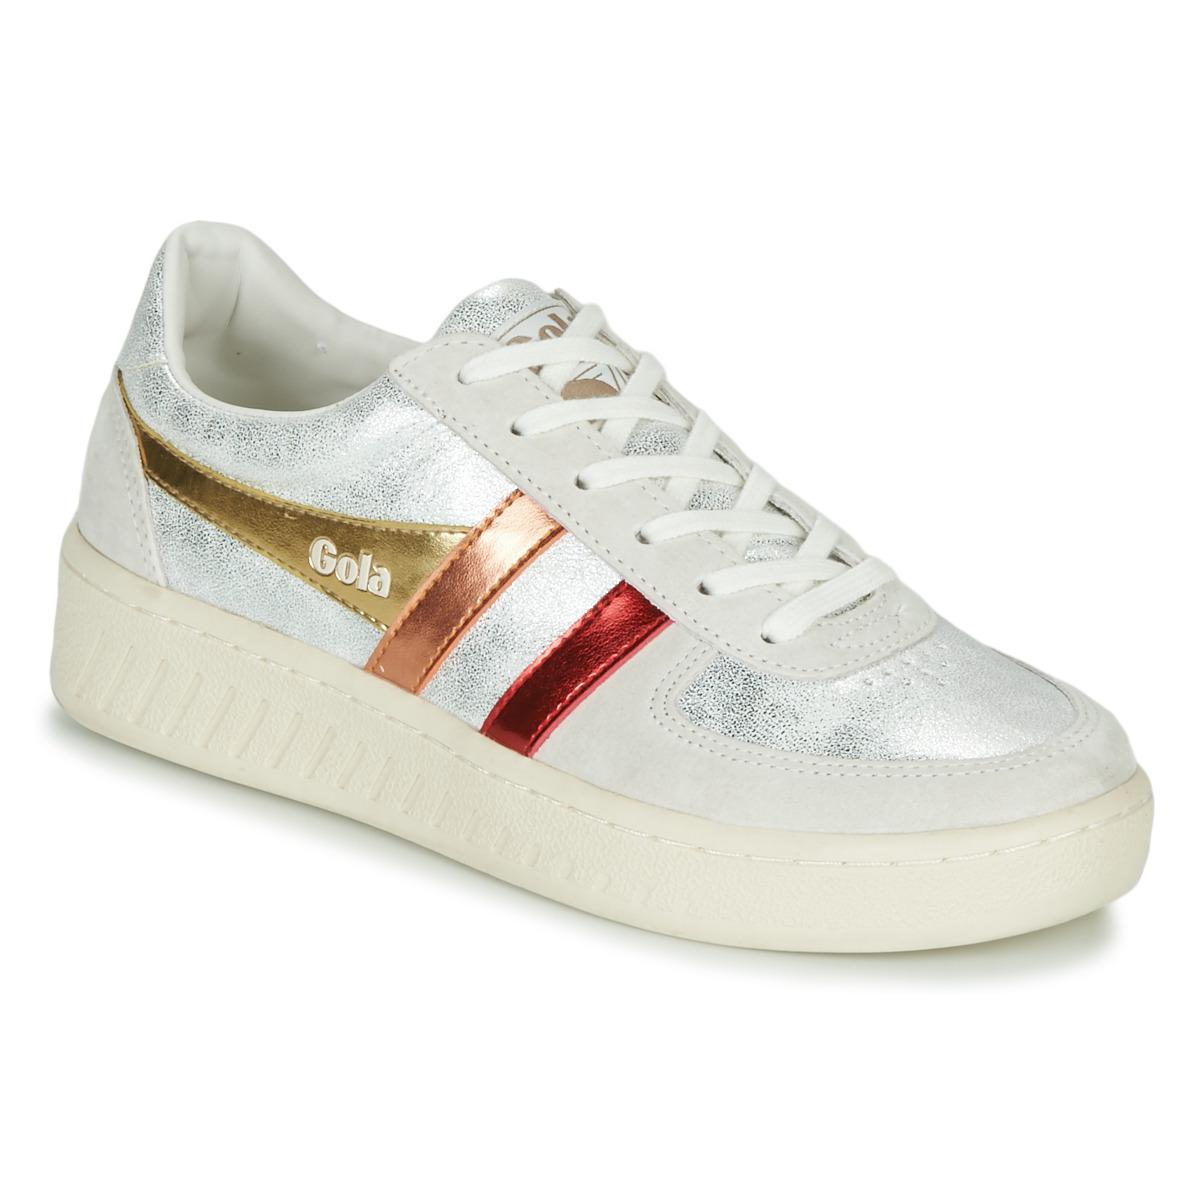 Sneakers Gola  GRANDSLAM SHIMMER FLARE